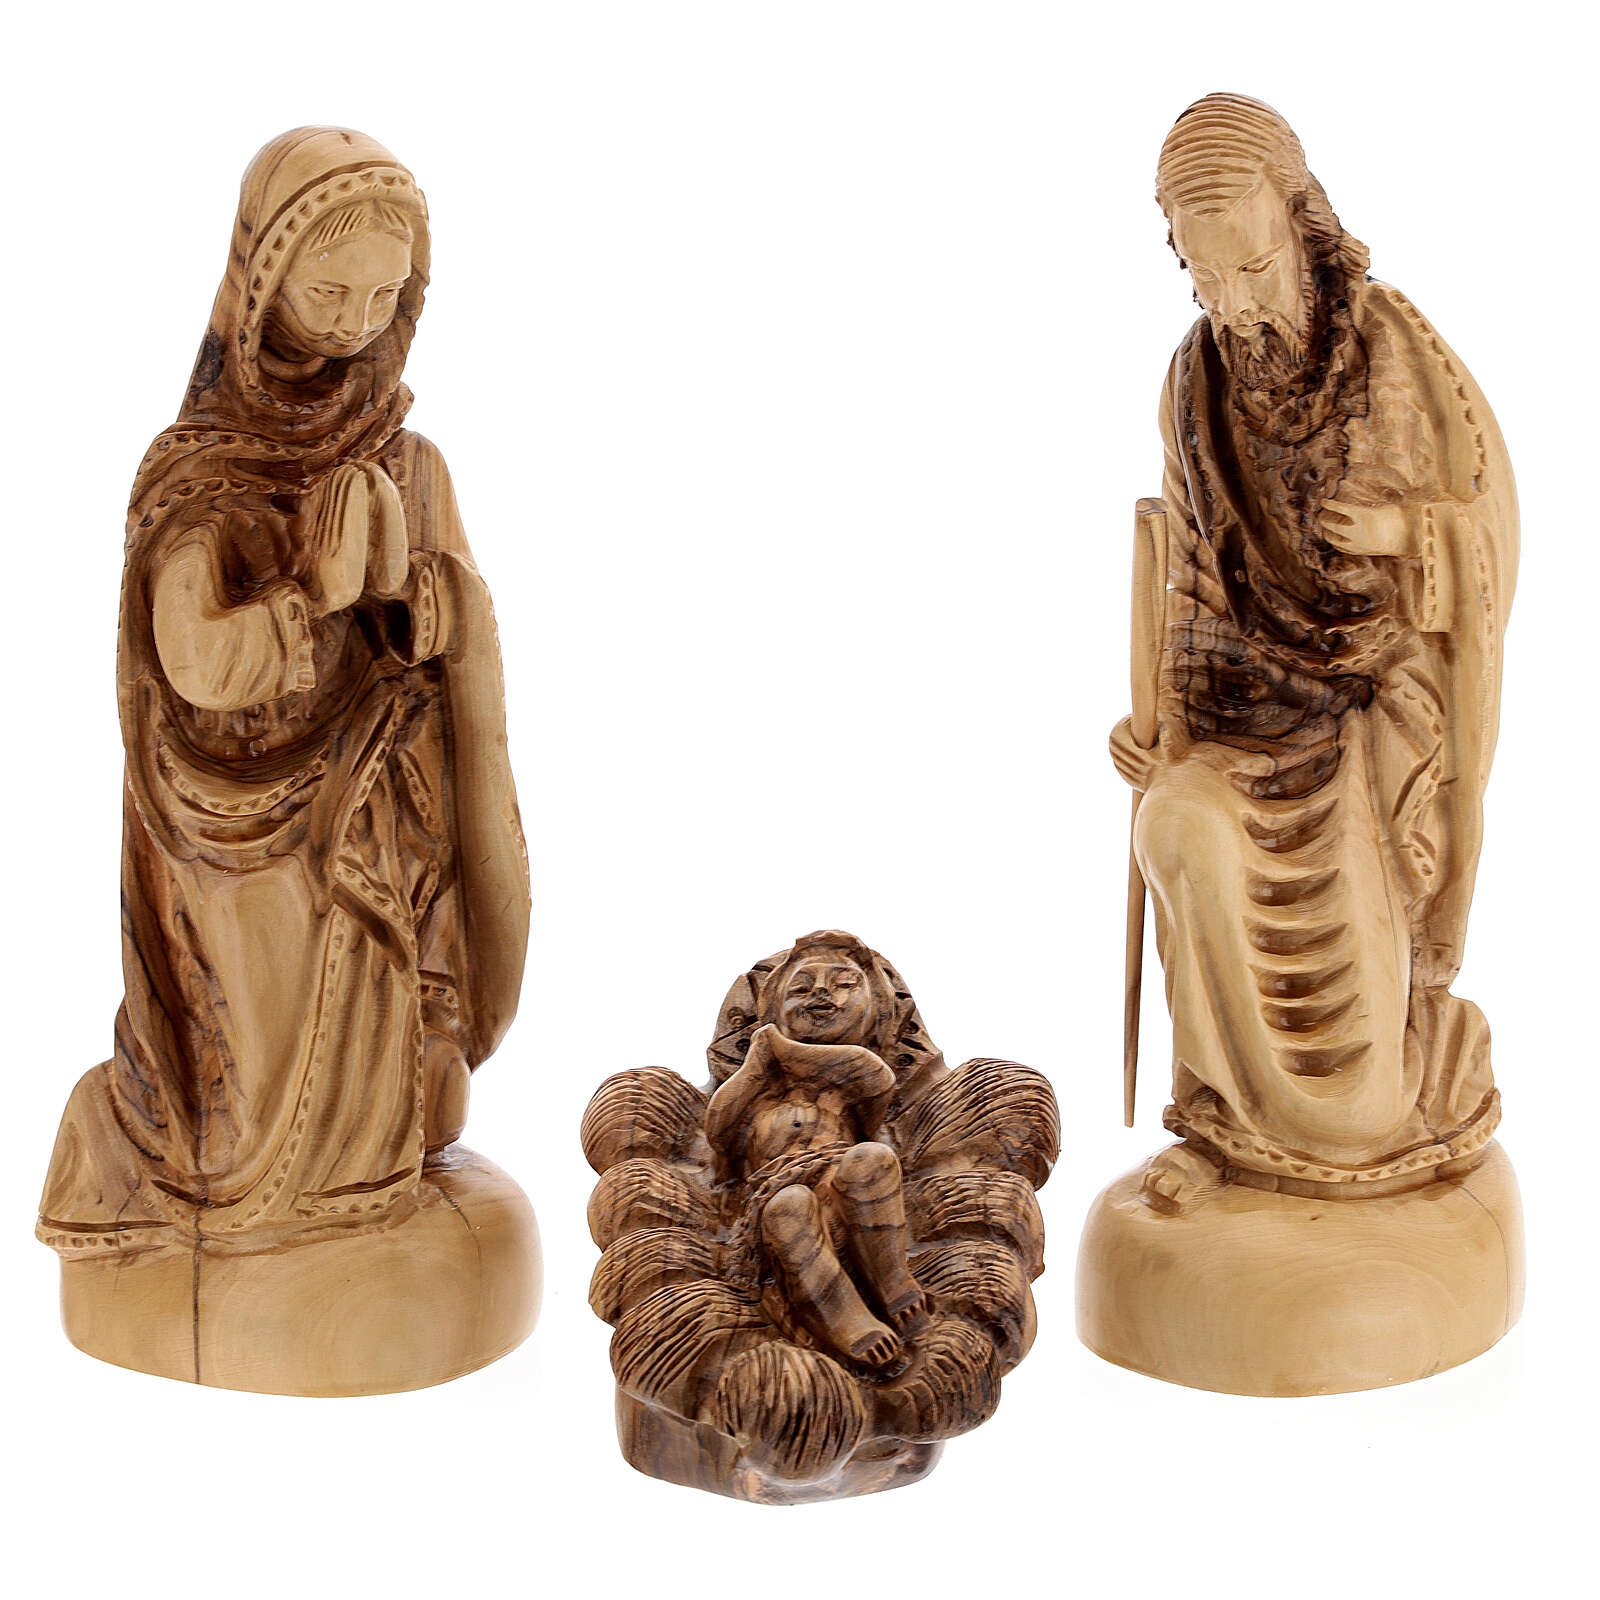 Cabana Natividade 14 figuras altura média 20 cm caixa de música madeira de oliveira Palestina 46x63x37 cm 4